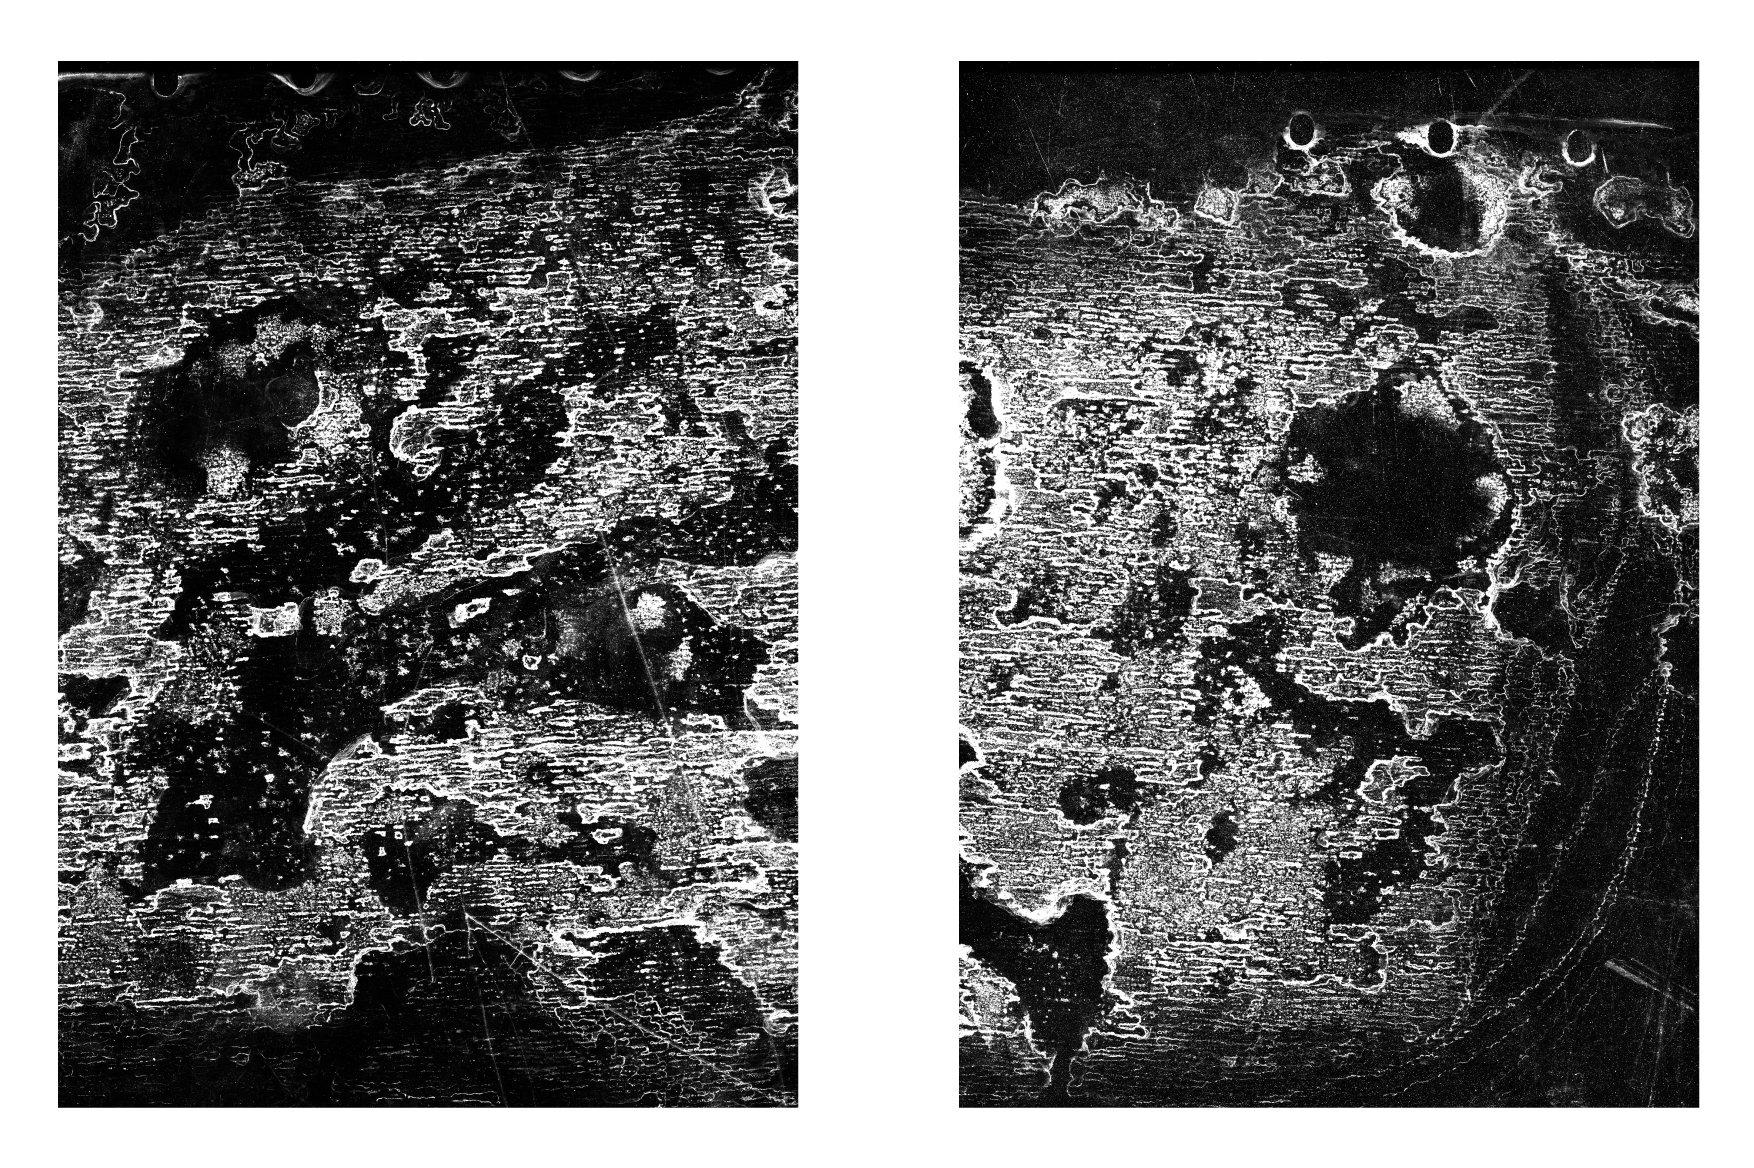 156款复古做旧折痕磨损褶皱纸张背景纹理素材合集 The Grunge Texture Bundle Vol. 1插图(31)